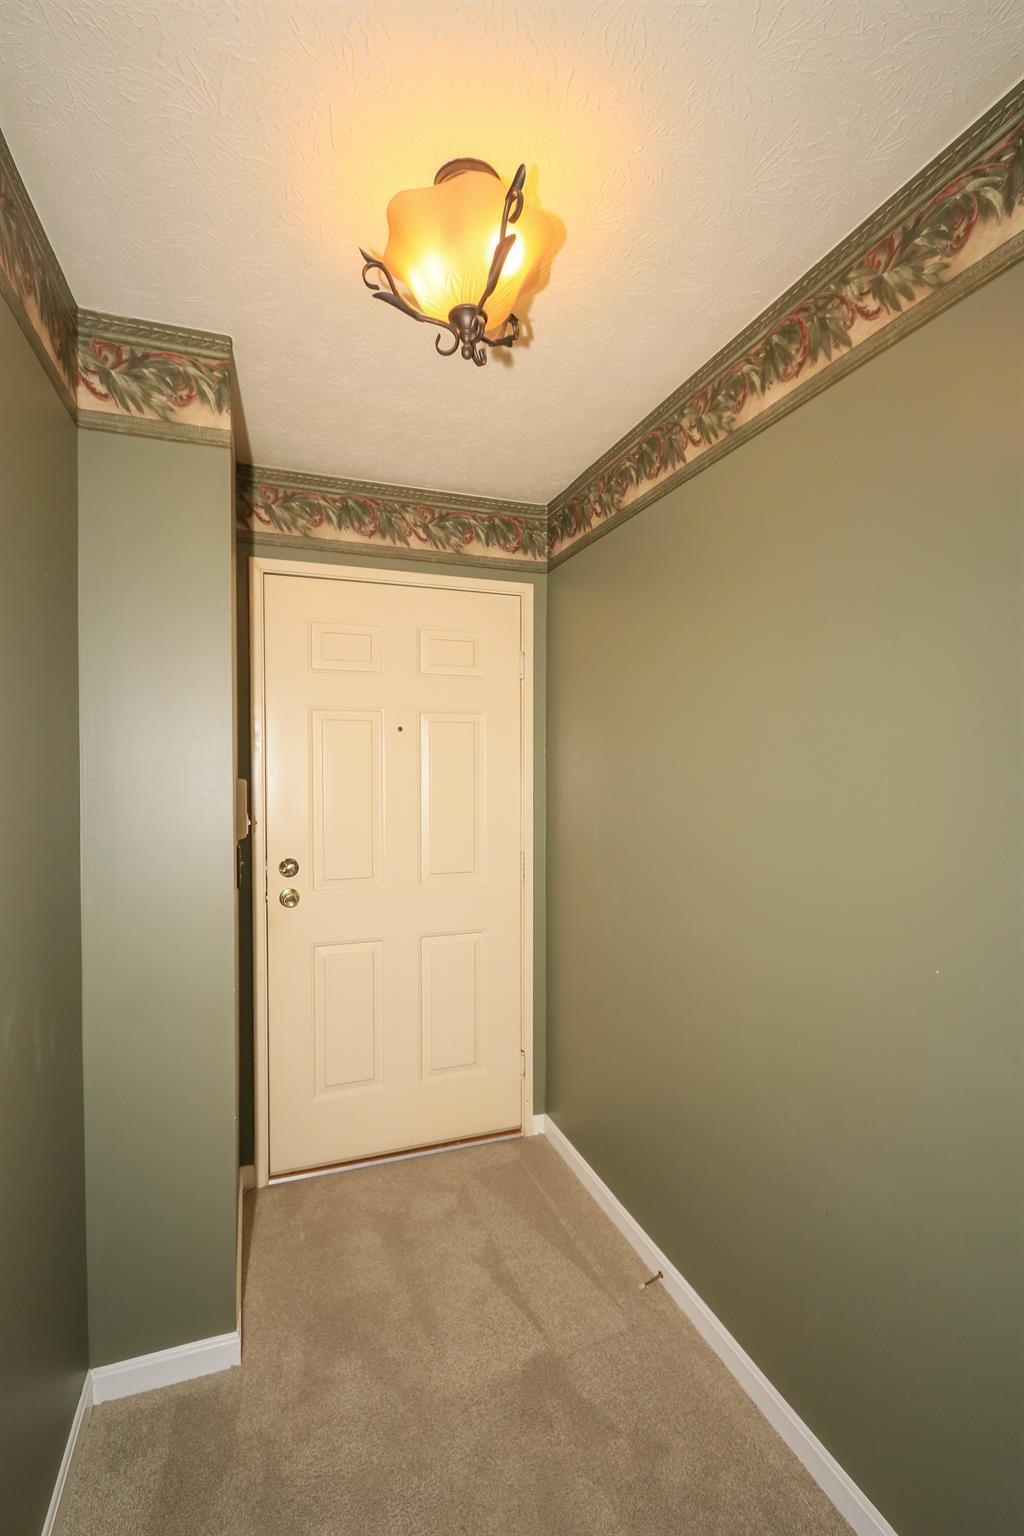 Foyer for 24 Highland Meadows Cir, 12 Highland Heights, KY 41076